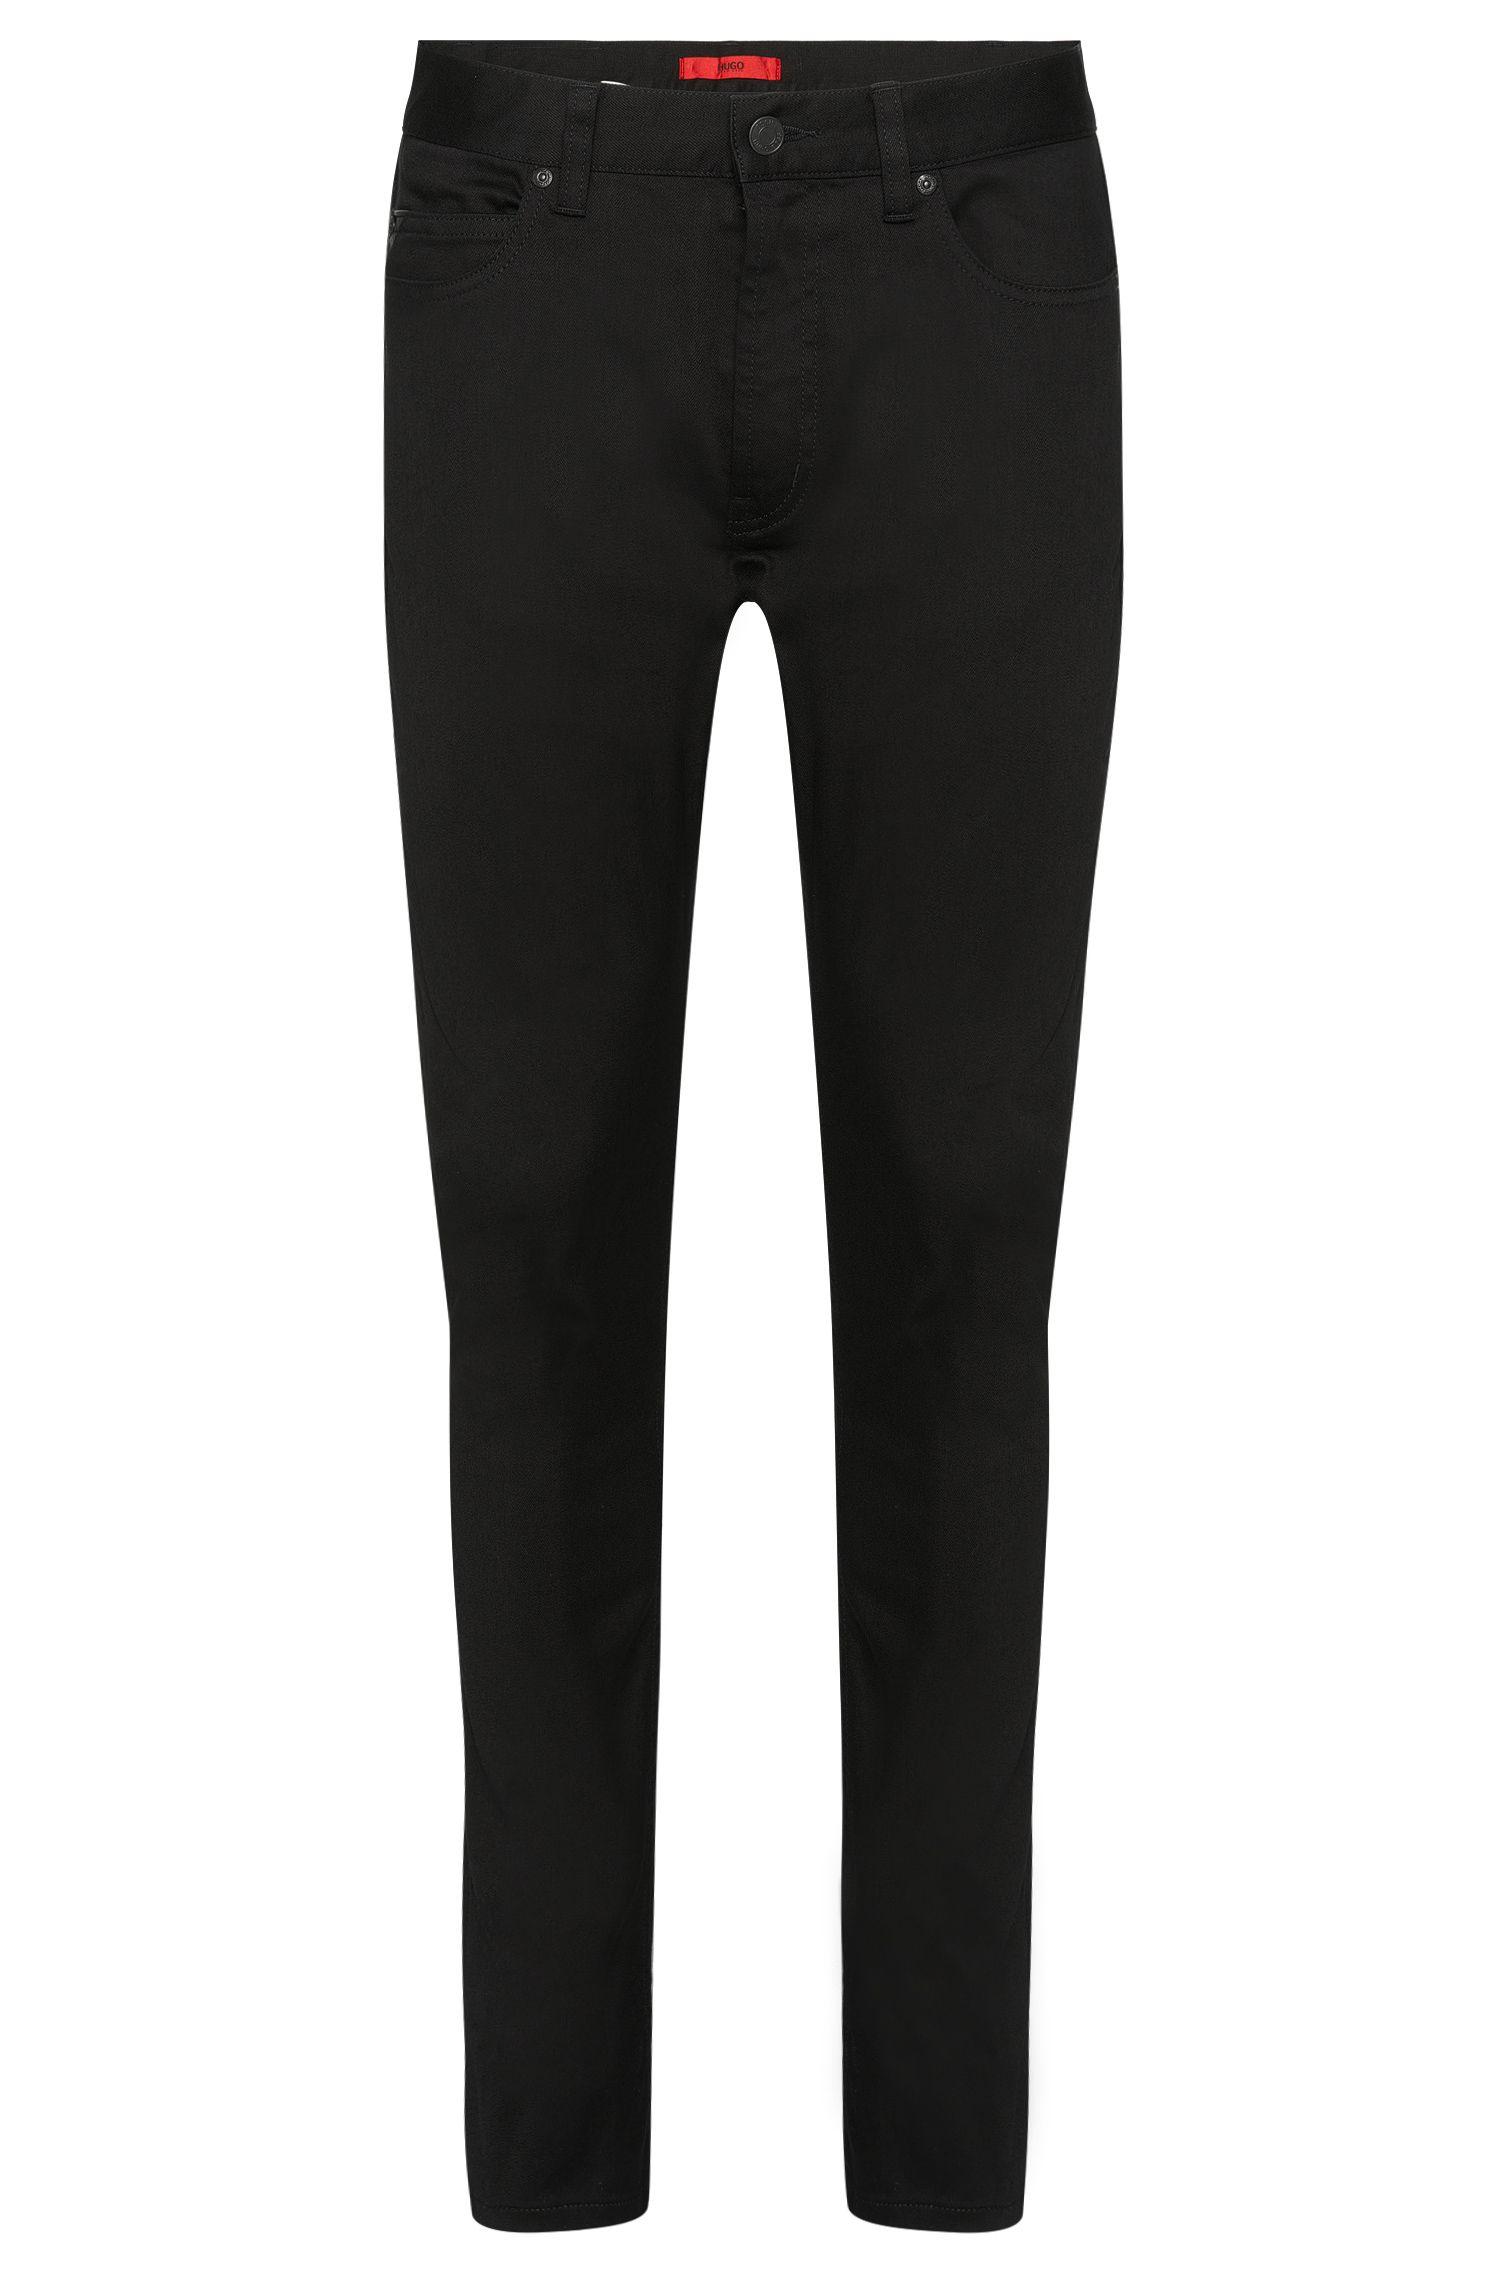 Vaqueros skinny fit en algodón elástico con detalles en imitación piel: 'Hugo 734/35'